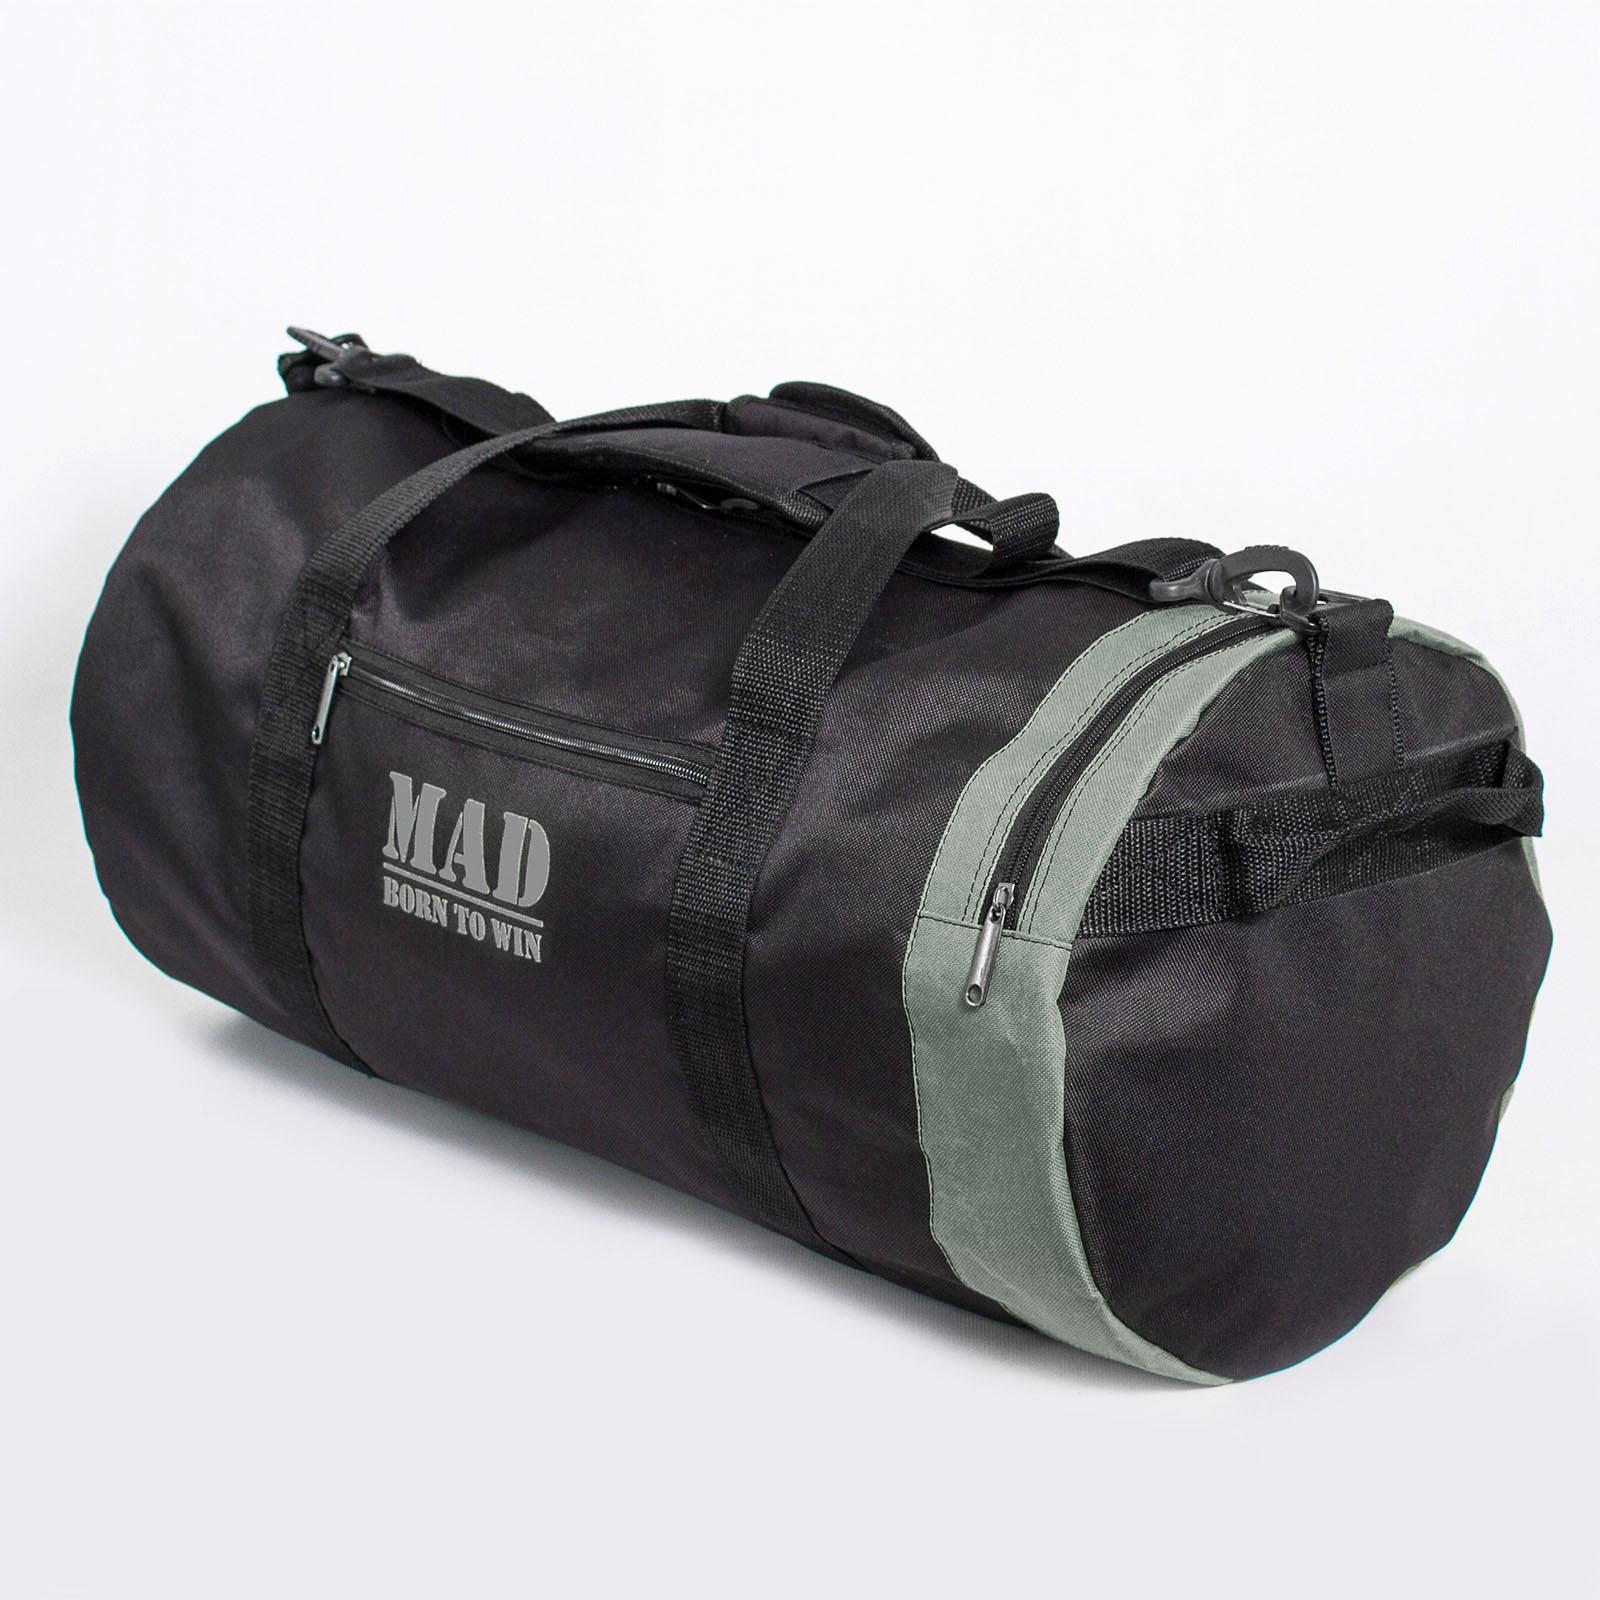 тренировочная сумка,купить сумку для спорта,мужская спортивная сумка купить,мужская спортивная сумка доставка,спортивная сумка украина